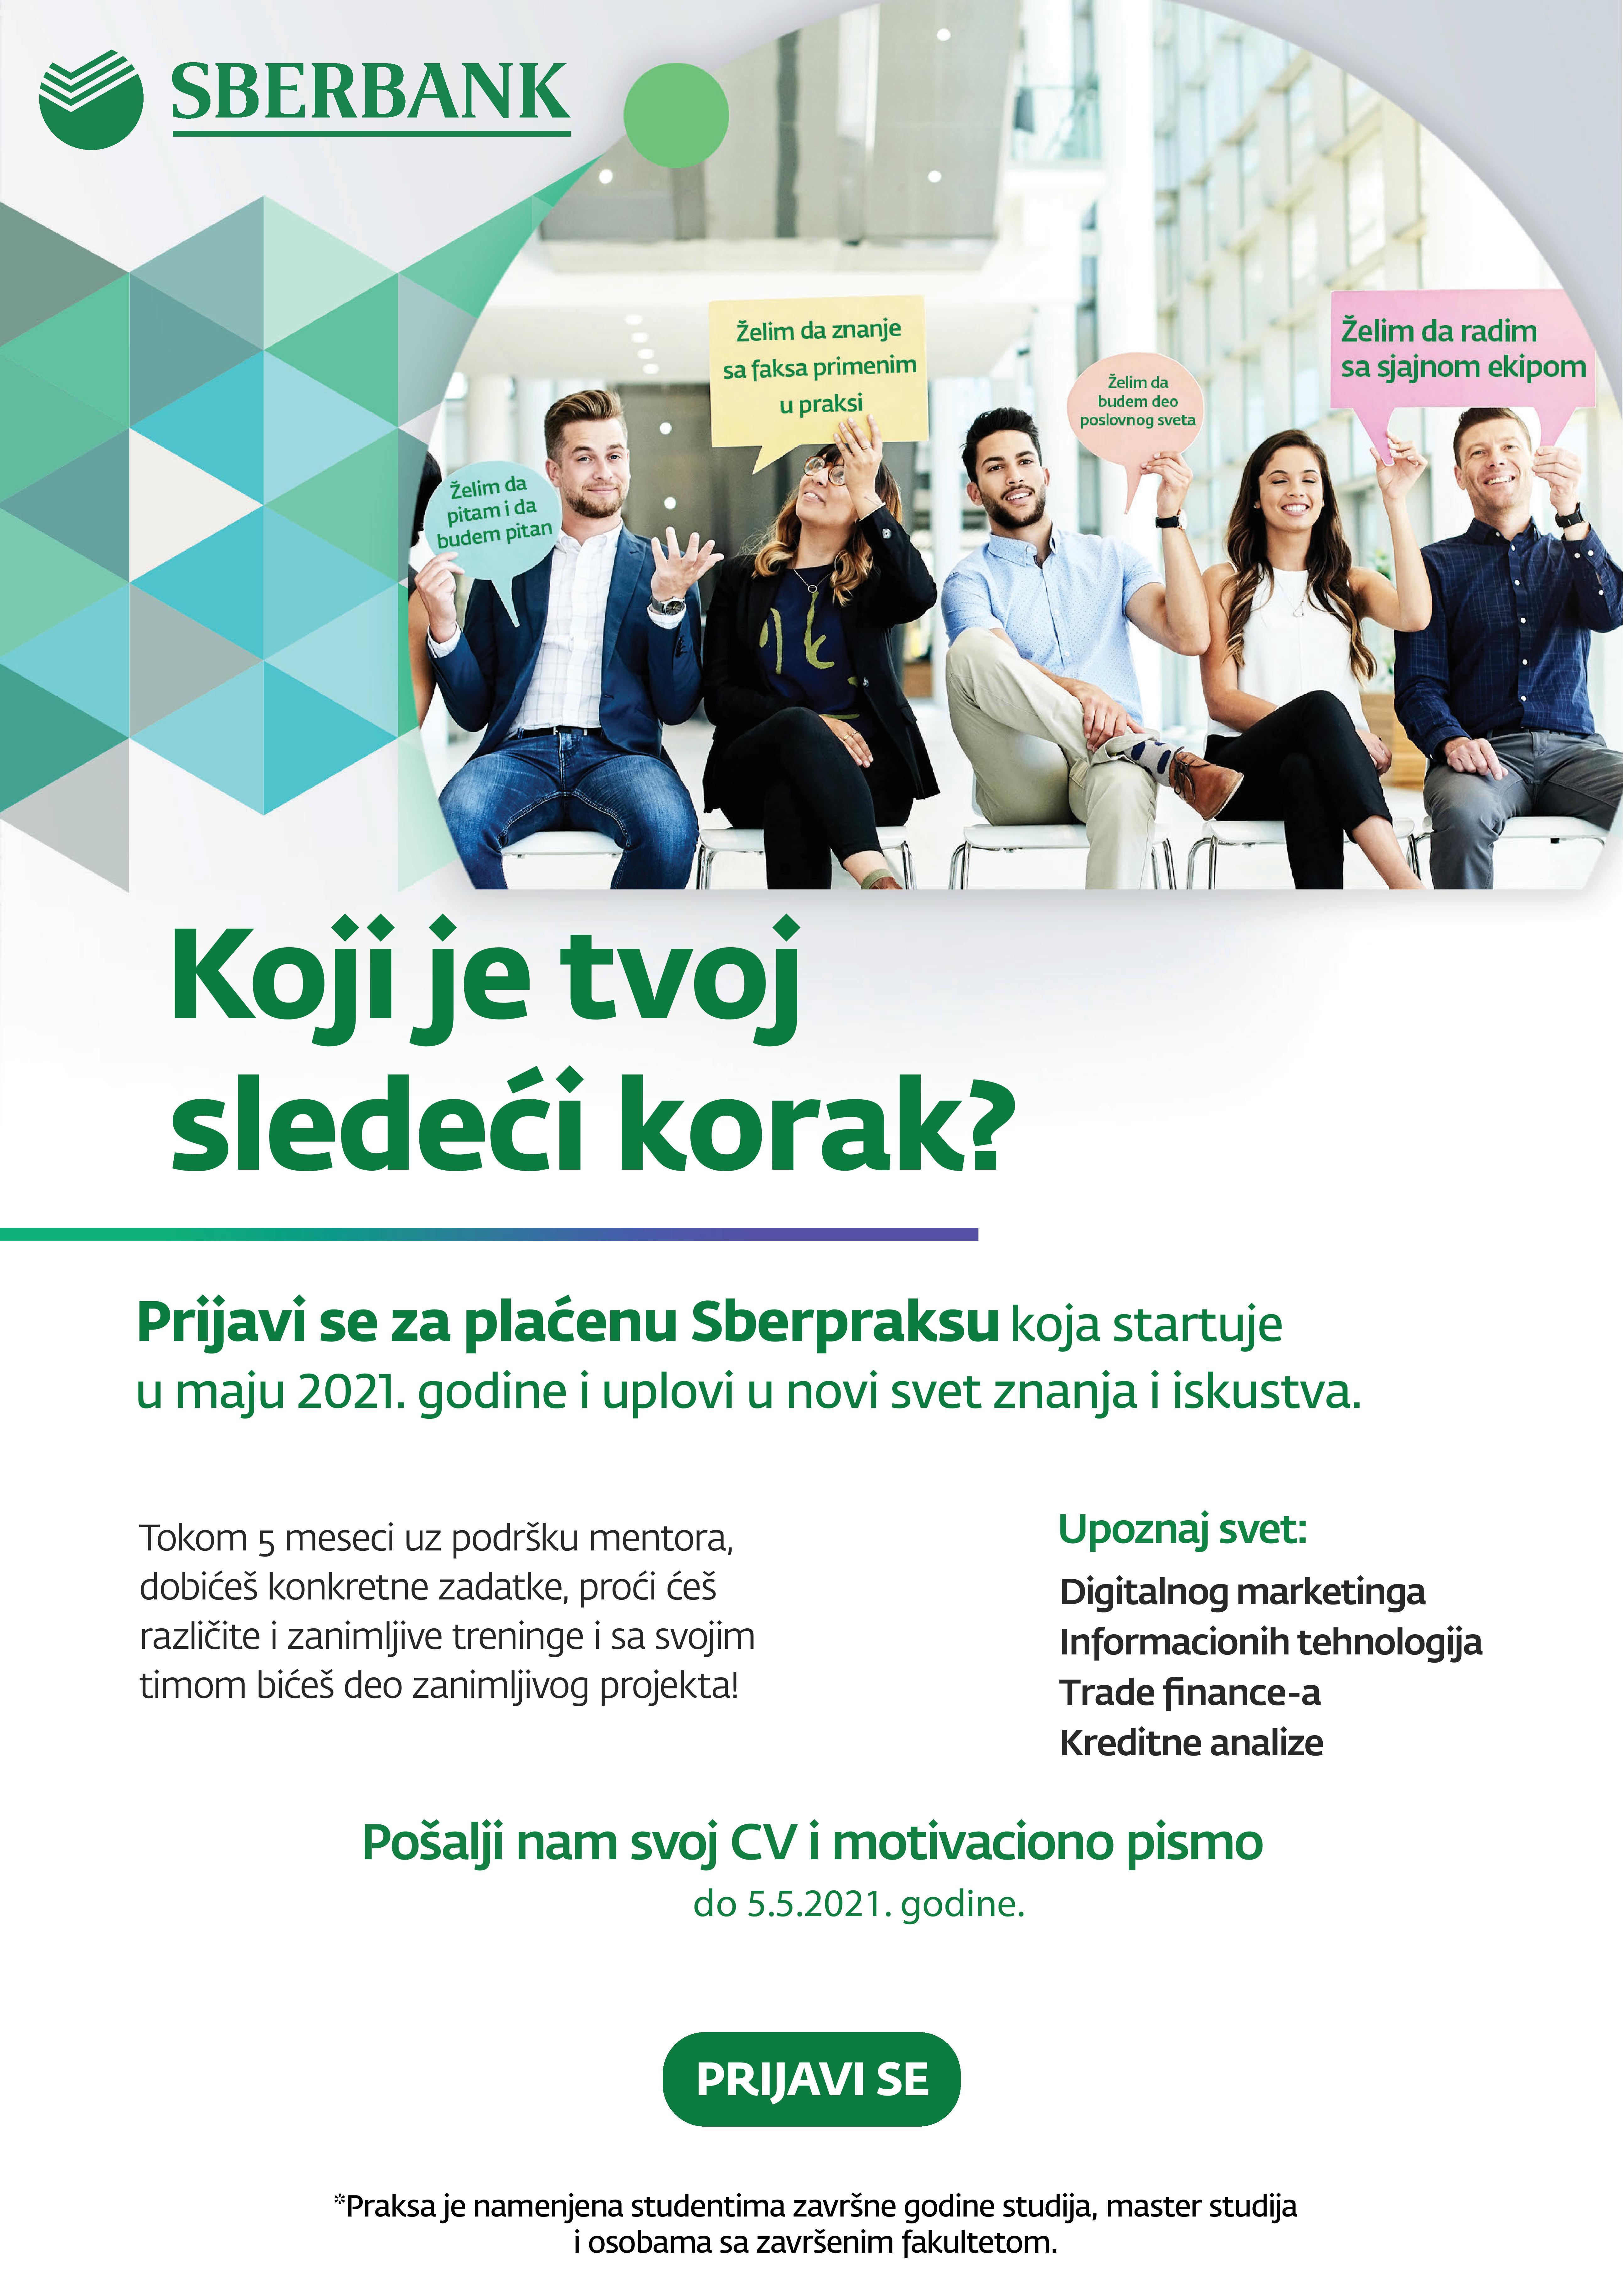 Sberbpraksa oglas KOMENTARI-page-001